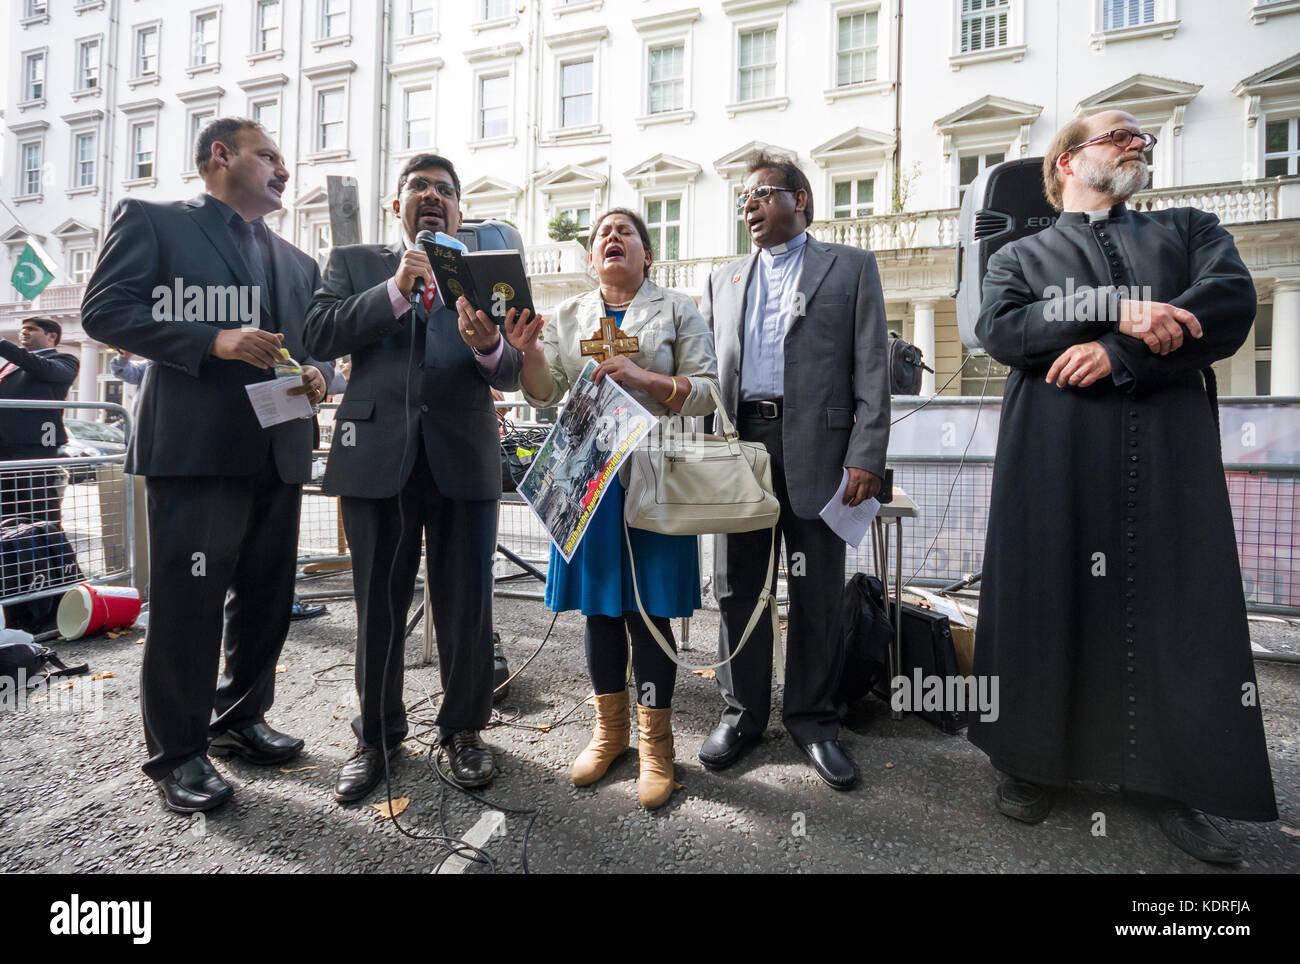 Britische pakistanischen Christen Protest außerhalb der Kommission von Pakistan in London, UK. Stockbild